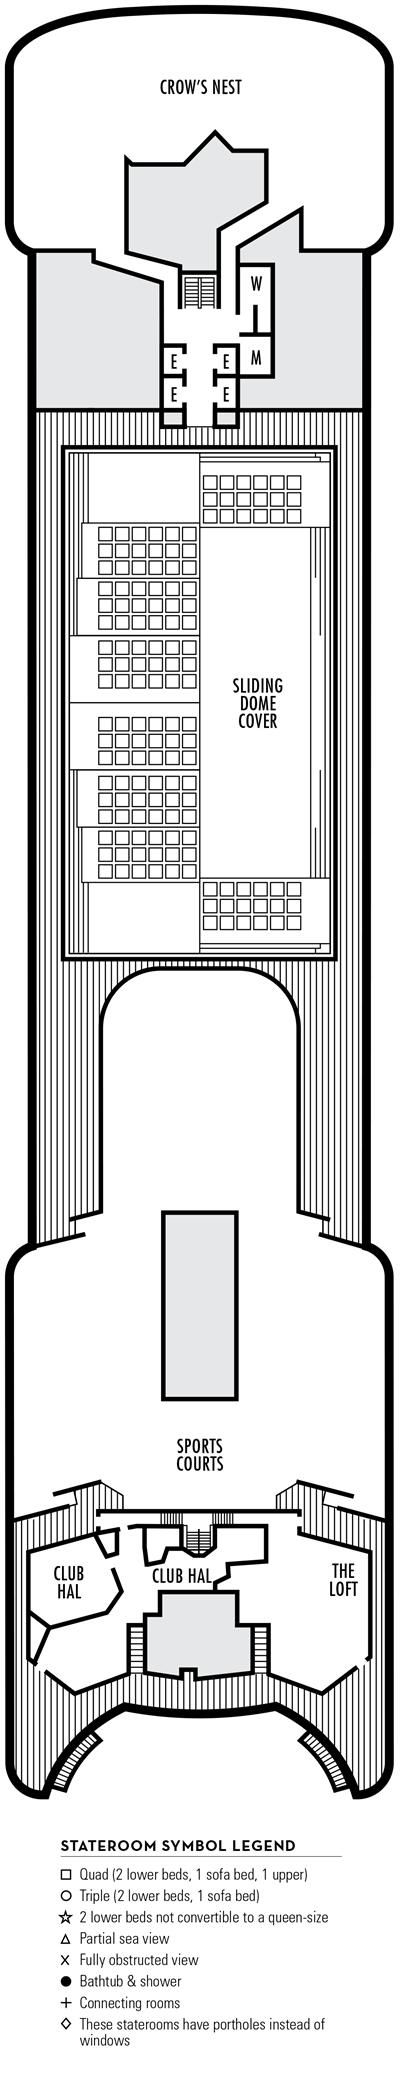 Deck 9 - MS Volendam by HAL